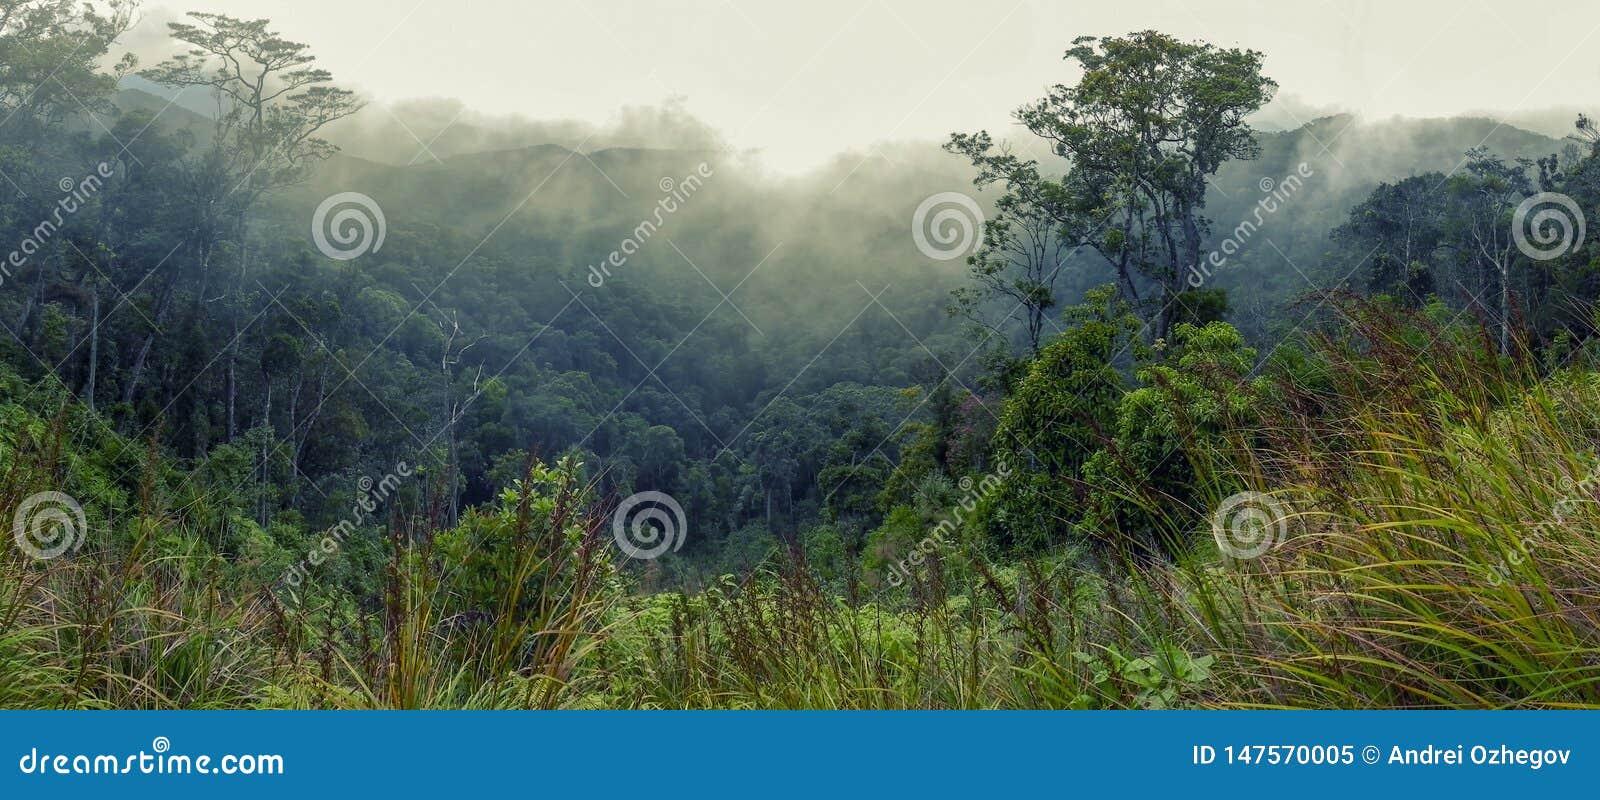 Montanha arborizada em uma baixa nuvem de encontro